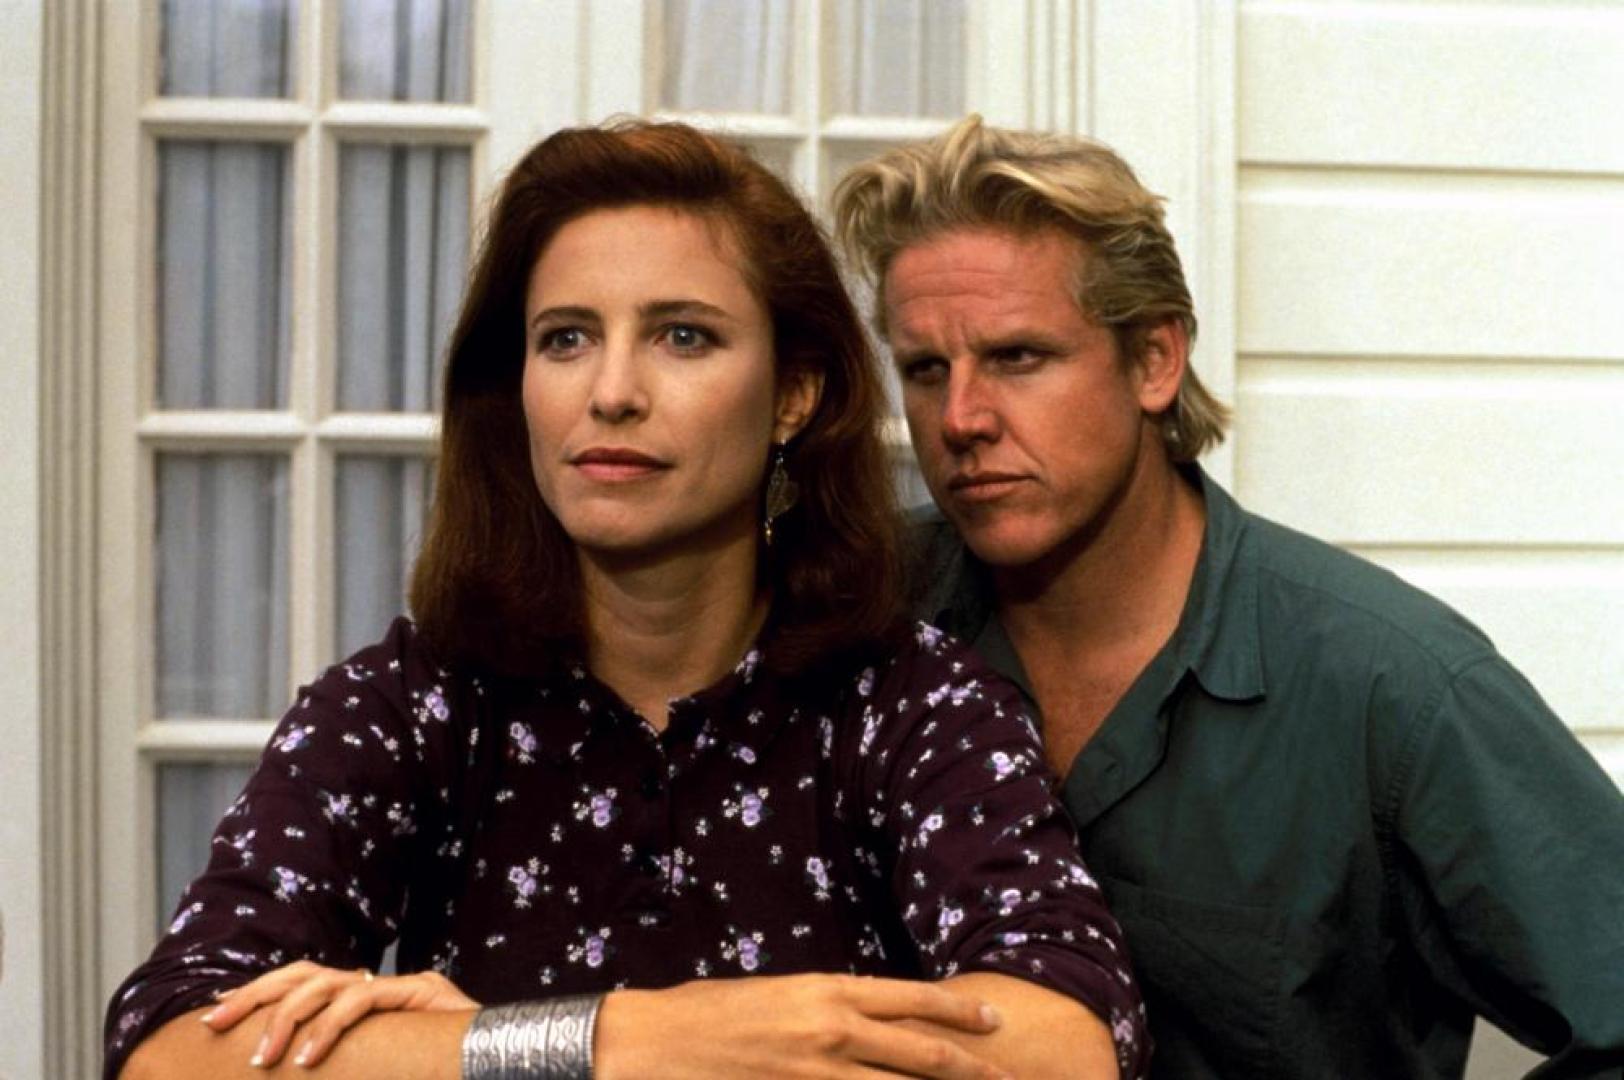 Hider in the House - Egy házban az ellenséggel (1989) 2. kép